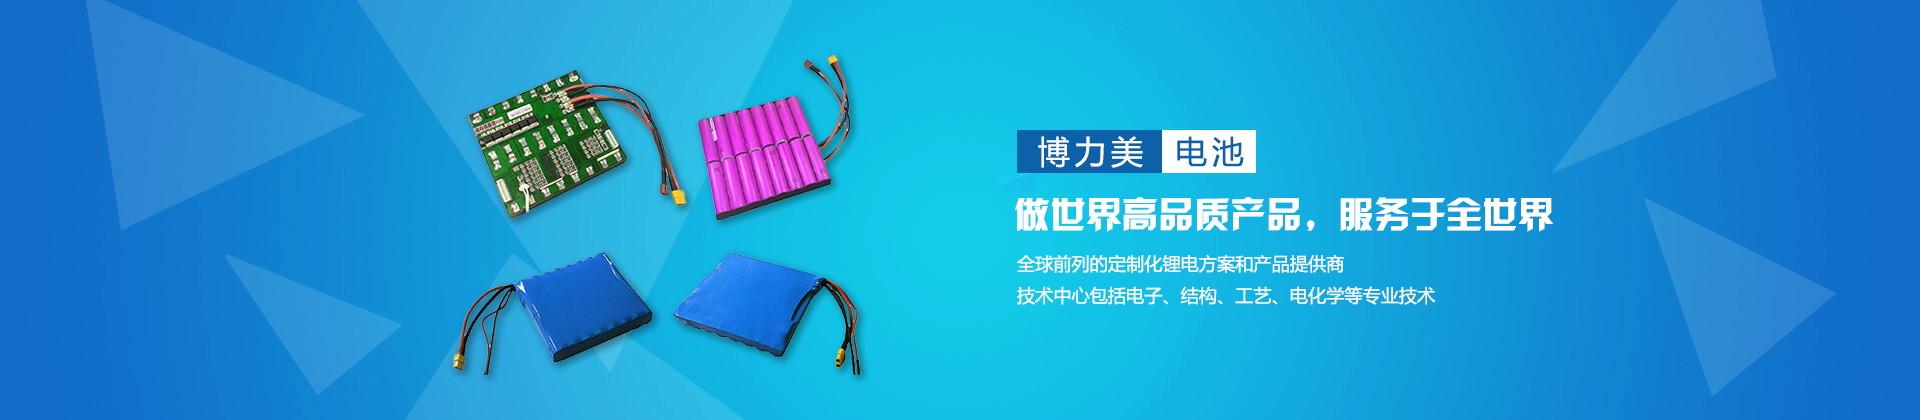 深圳市博力美电池有限公司